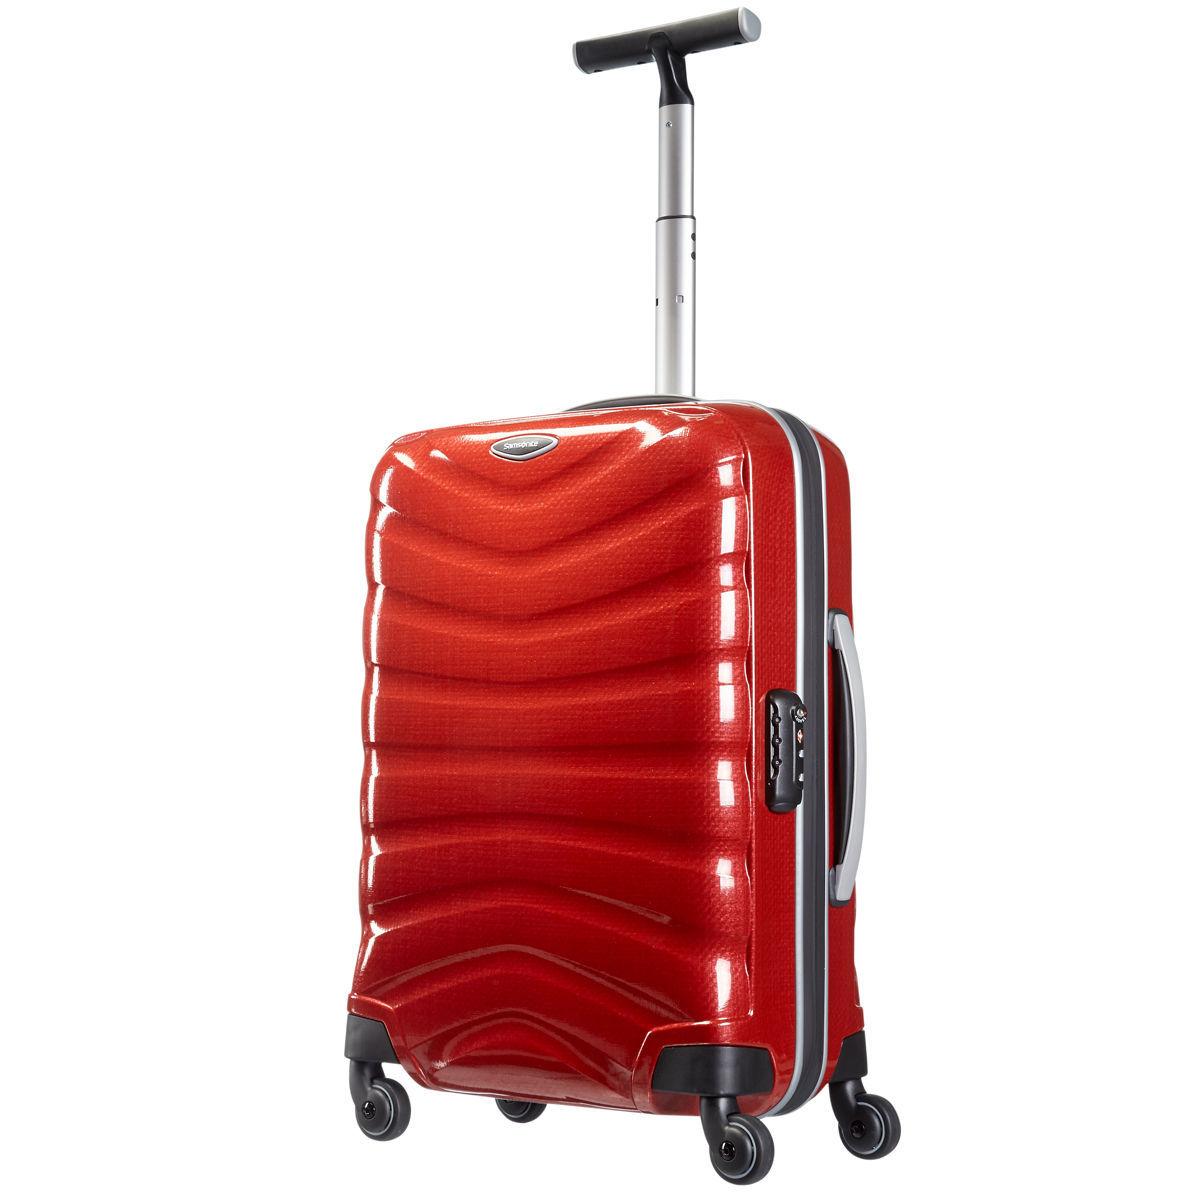 Samsonite Firelite Trolley (55x40x20cm) in 2 Farben erhältlich: dunkelgrau und rot, Curv Hartschale, TSA Schloß